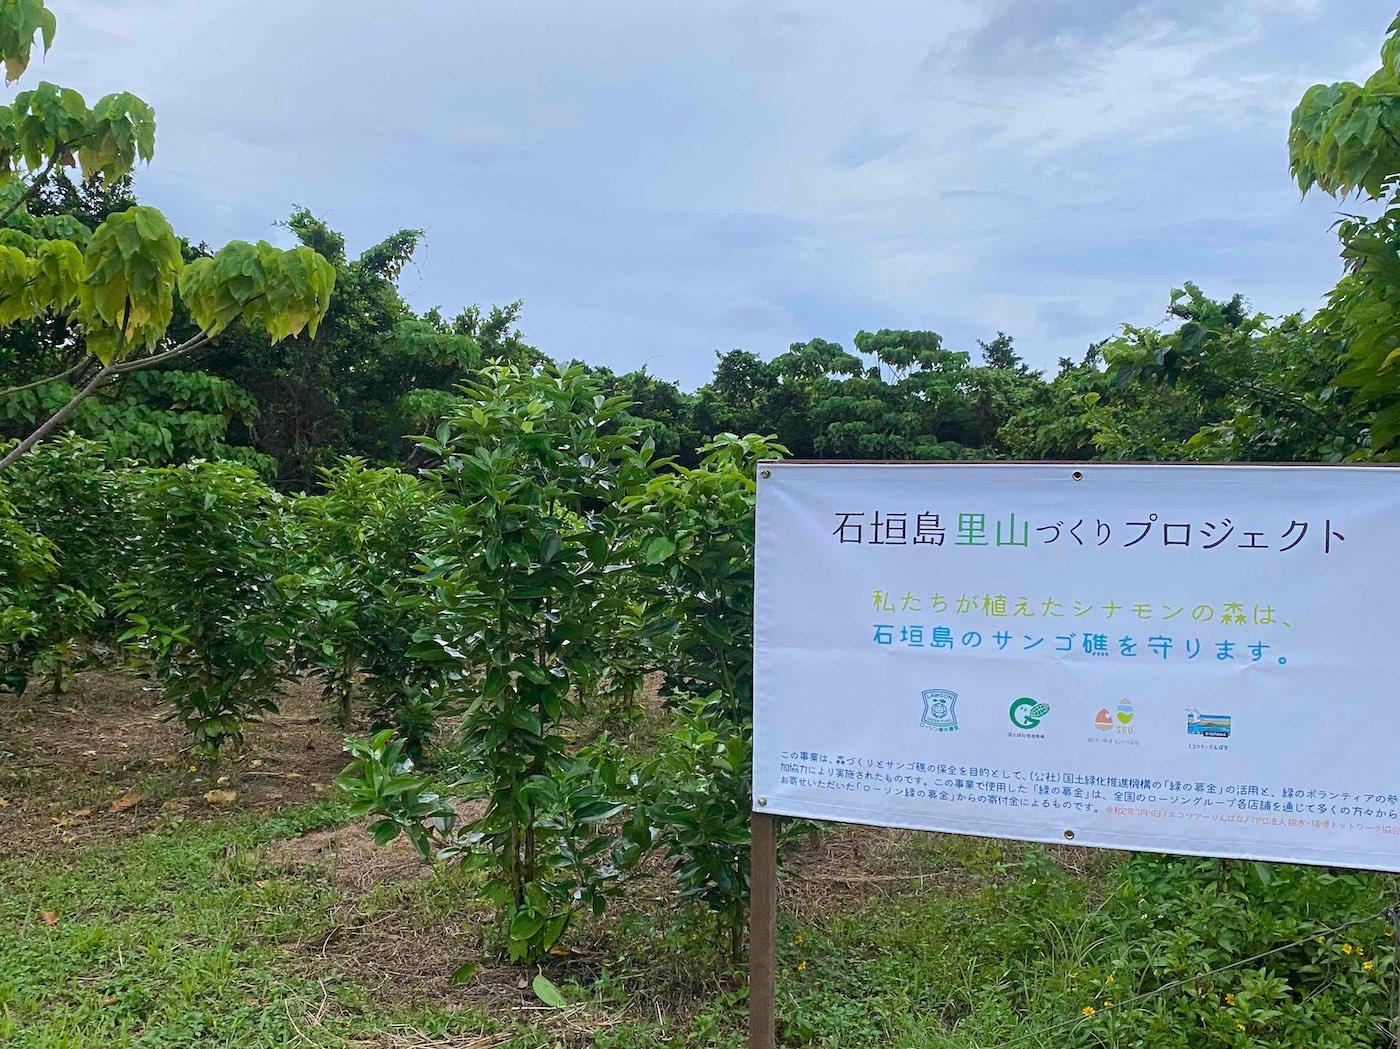 石垣島里山づくりプロジェクト